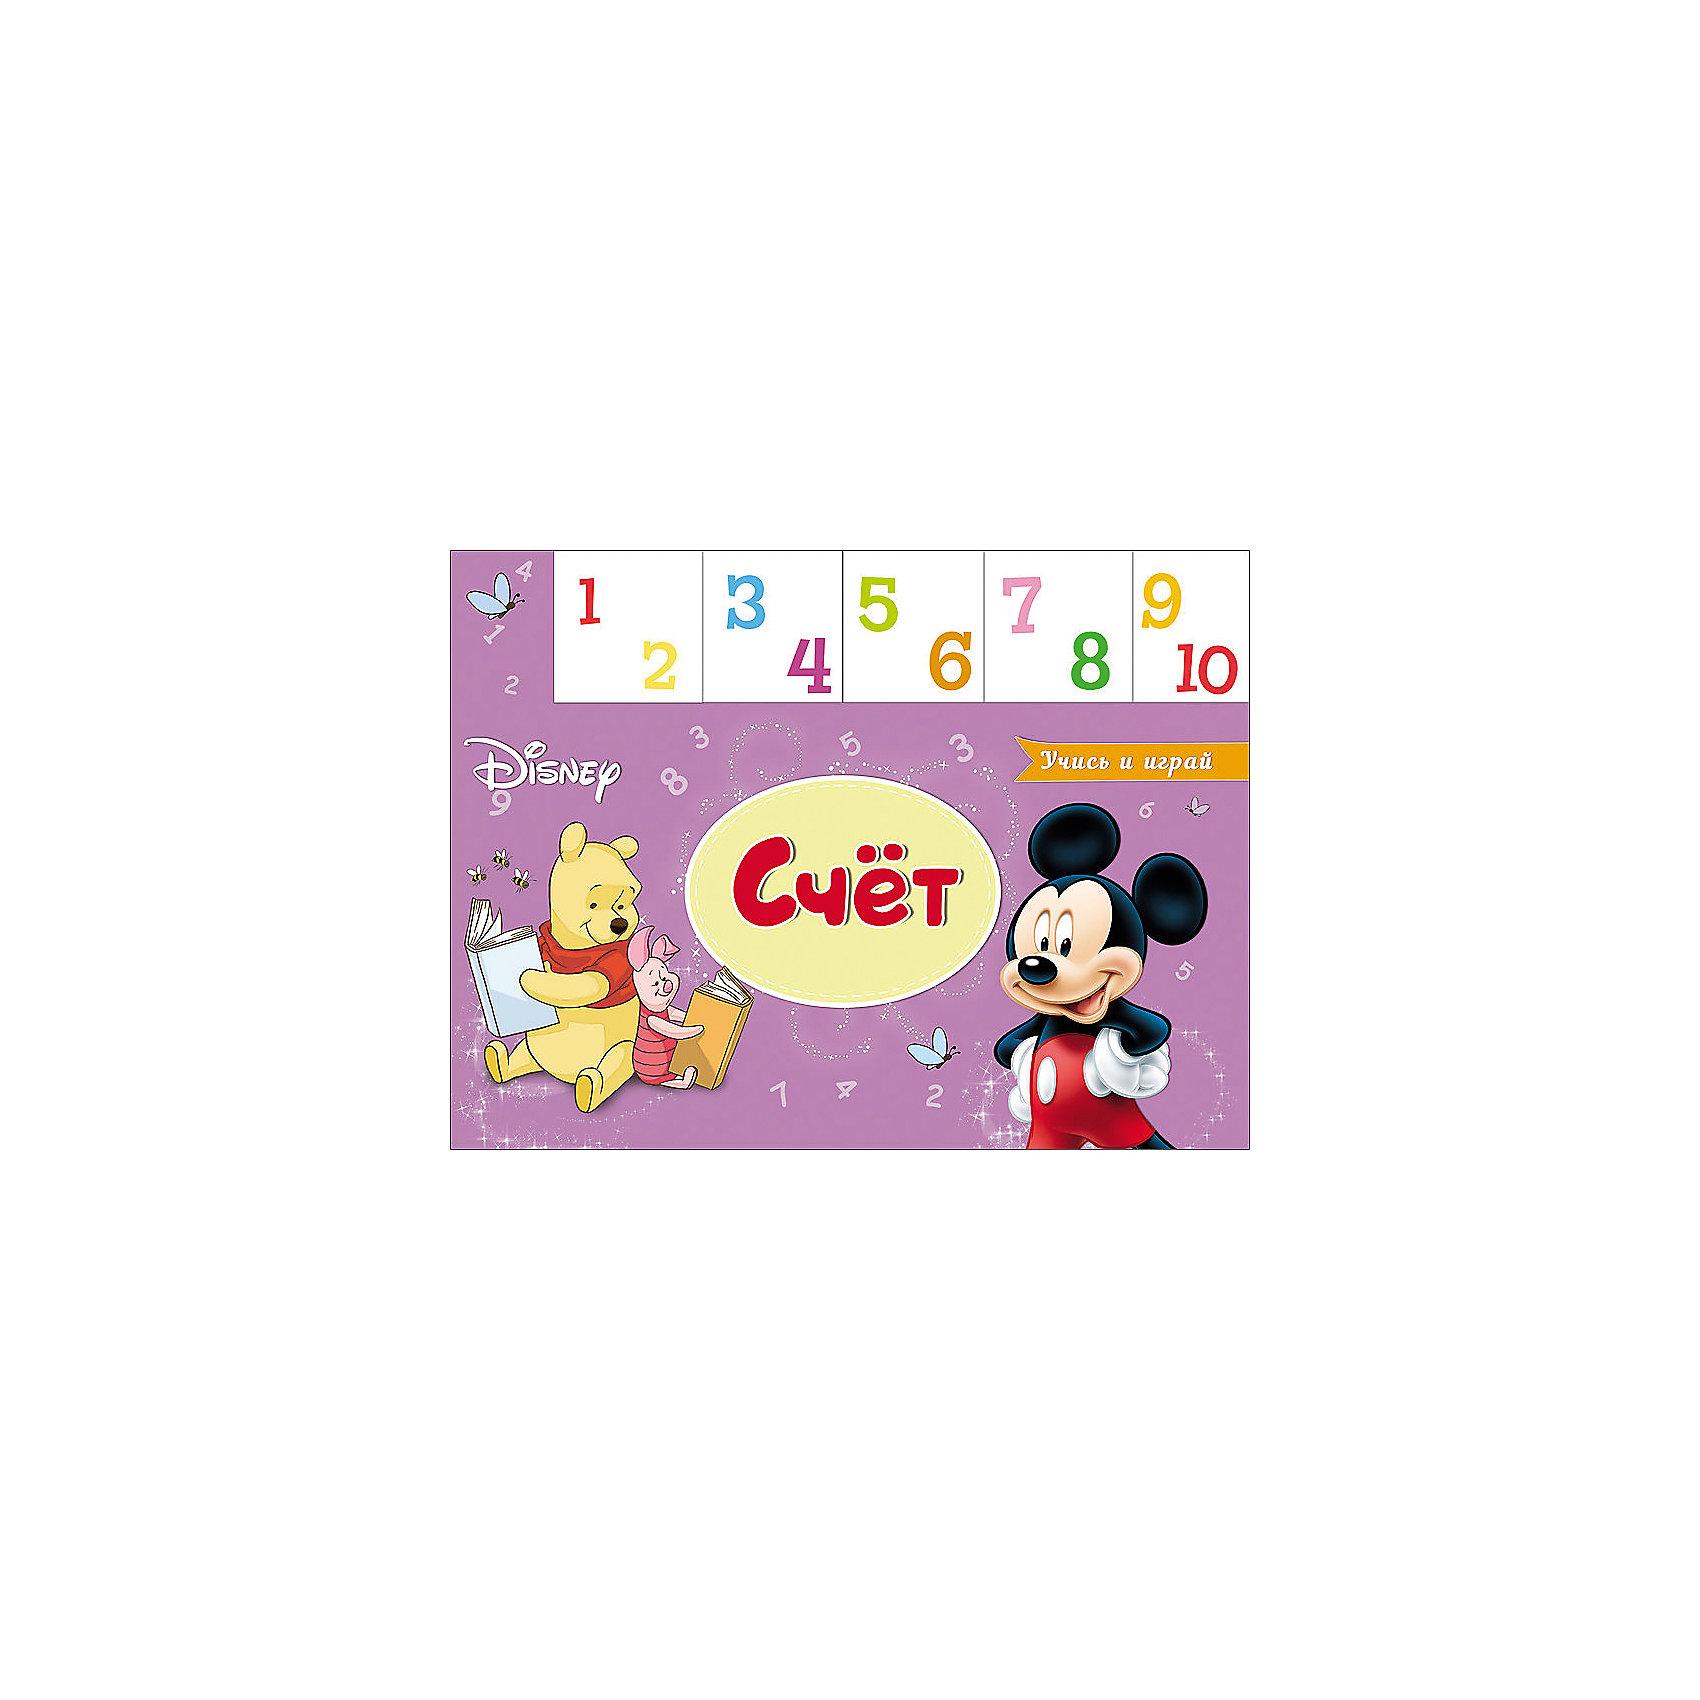 Счет, DisneyПроф-Пресс<br>Книга Вырубка, лесенка. Счет, Disney.<br><br>Характеристики:<br><br>• Издательство: Проф-Пресс, 2016 г.<br>• Серия: Disney. Учись и играй<br>• Тип обложки: картонная обложка<br>• Оформление: вырубка<br>• Иллюстрации: цветные<br>• Количество страниц: 10 (картон)<br>• Размер: 155x210x5 мм.<br>• Вес: 112 гр.<br>• ISBN: 9785378257645<br><br>Отправляемся в увлекательное путешествие к первым знаниям! Вместе с любимыми героями Disney ты сможешь: считать от 1 до 10, писать цифры, выполнять задания. Серия Учись и играй - это познавательные книги-лесенки, где на каждой ступеньке тебя ждут интересная информация и весёлые игры.<br><br>Книгу Вырубка, лесенка. Счет, Disney можно купить в нашем интернет-магазине.<br><br>Ширина мм: 210<br>Глубина мм: 60<br>Высота мм: 155<br>Вес г: 0<br>Возраст от месяцев: 36<br>Возраст до месяцев: 2147483647<br>Пол: Унисекс<br>Возраст: Детский<br>SKU: 5452247